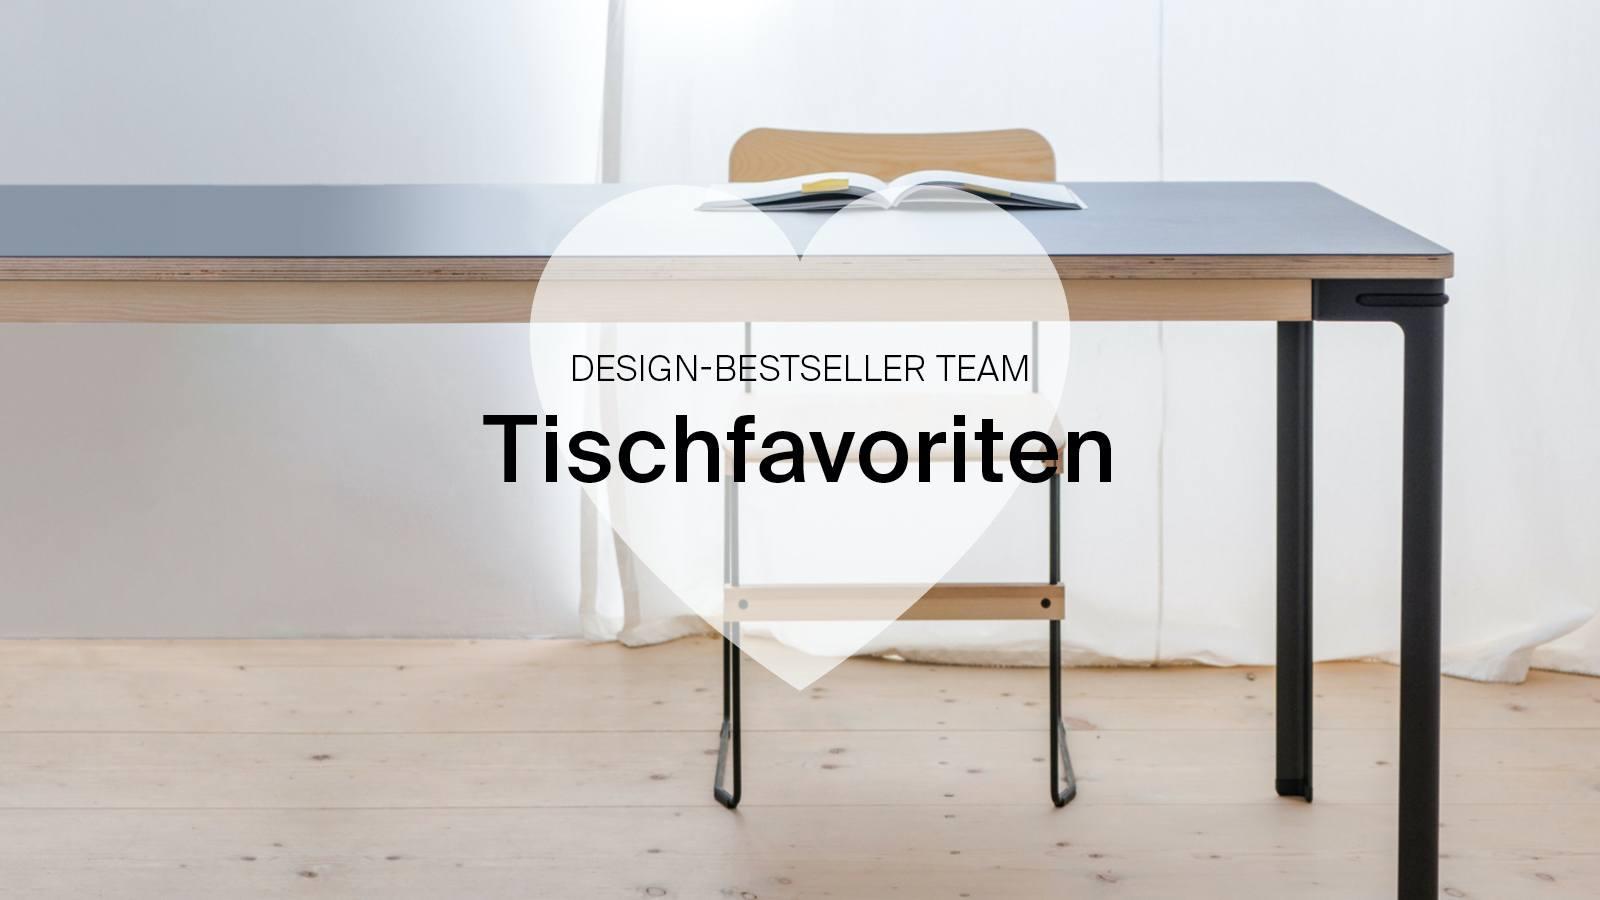 Tischfavoriten aus dem Design Bestseller Team - DESIGNBLOG